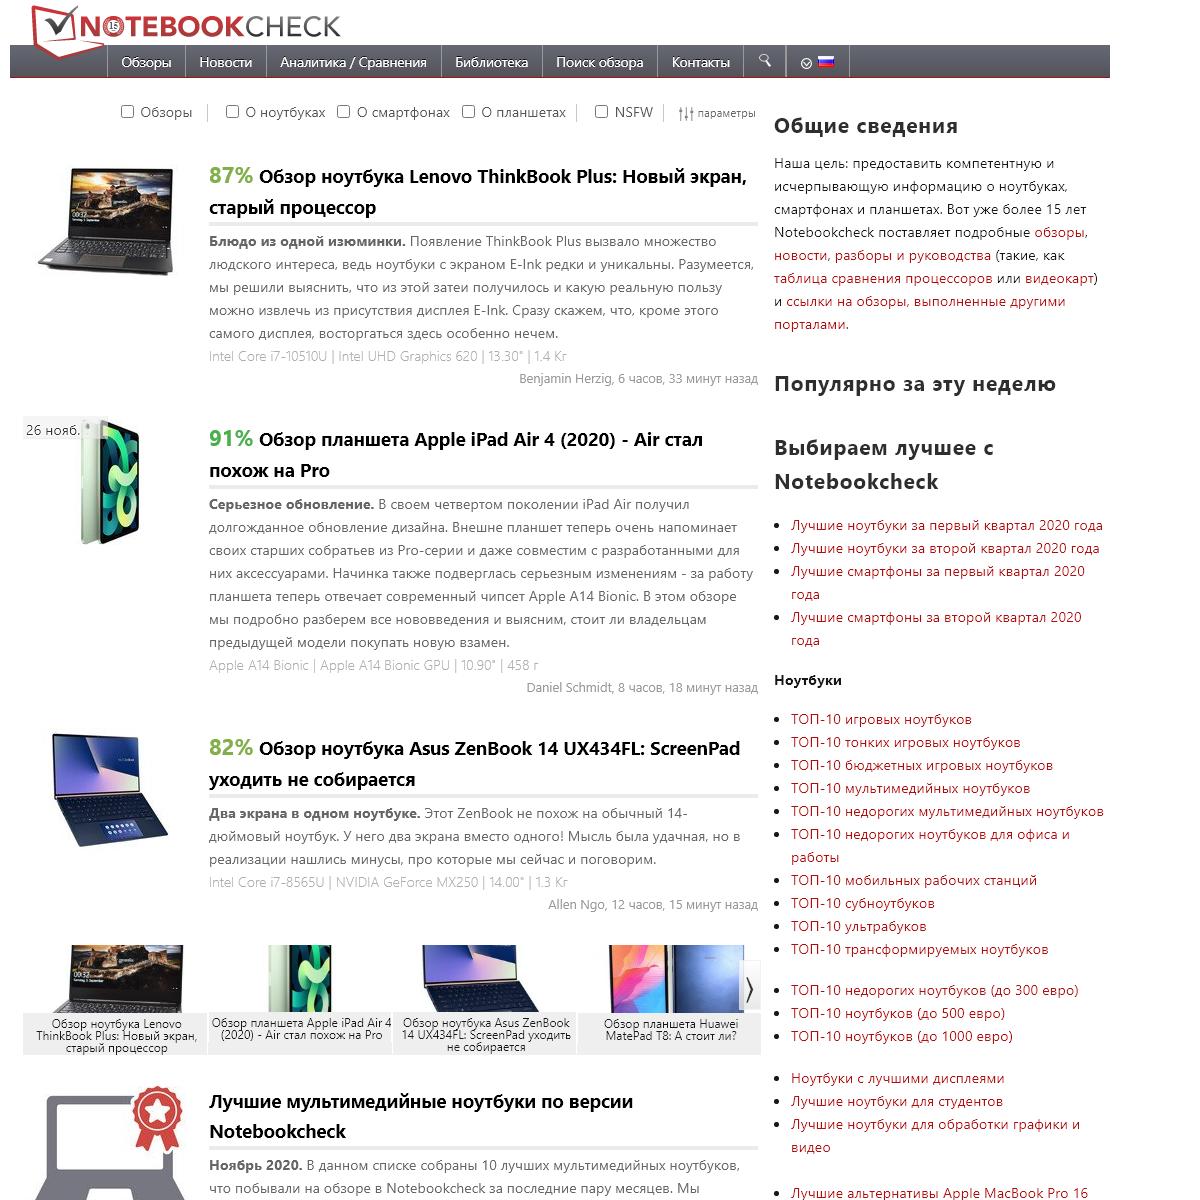 Обзоры ноутбуков. Новости мобильного мира - Notebookcheck-ru.com